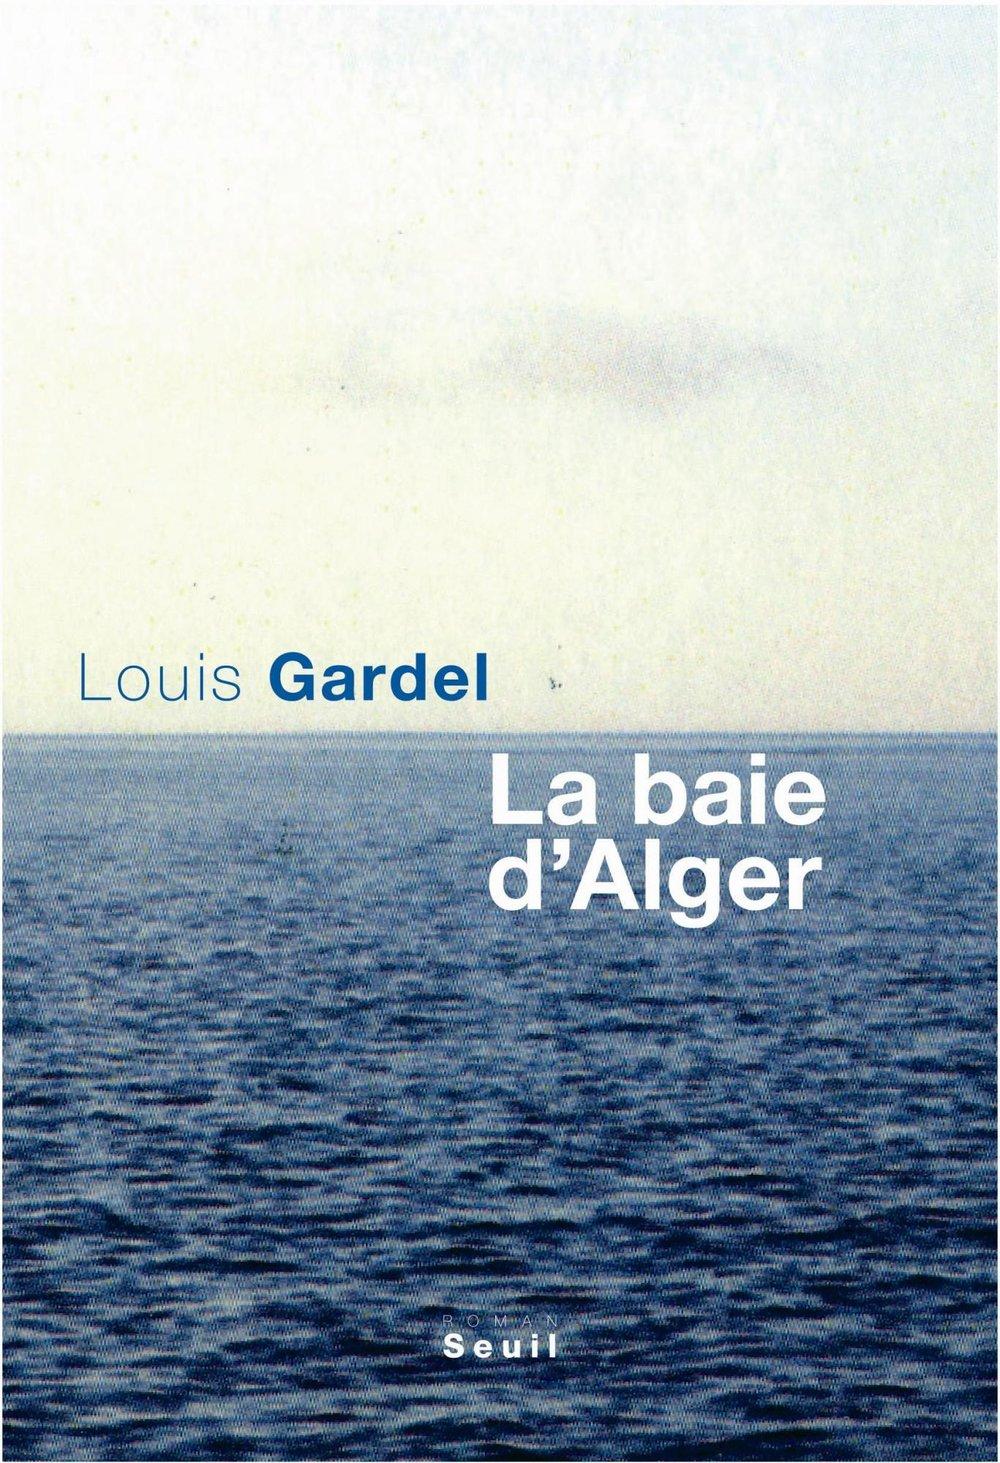 La baie d'Alger.jpg